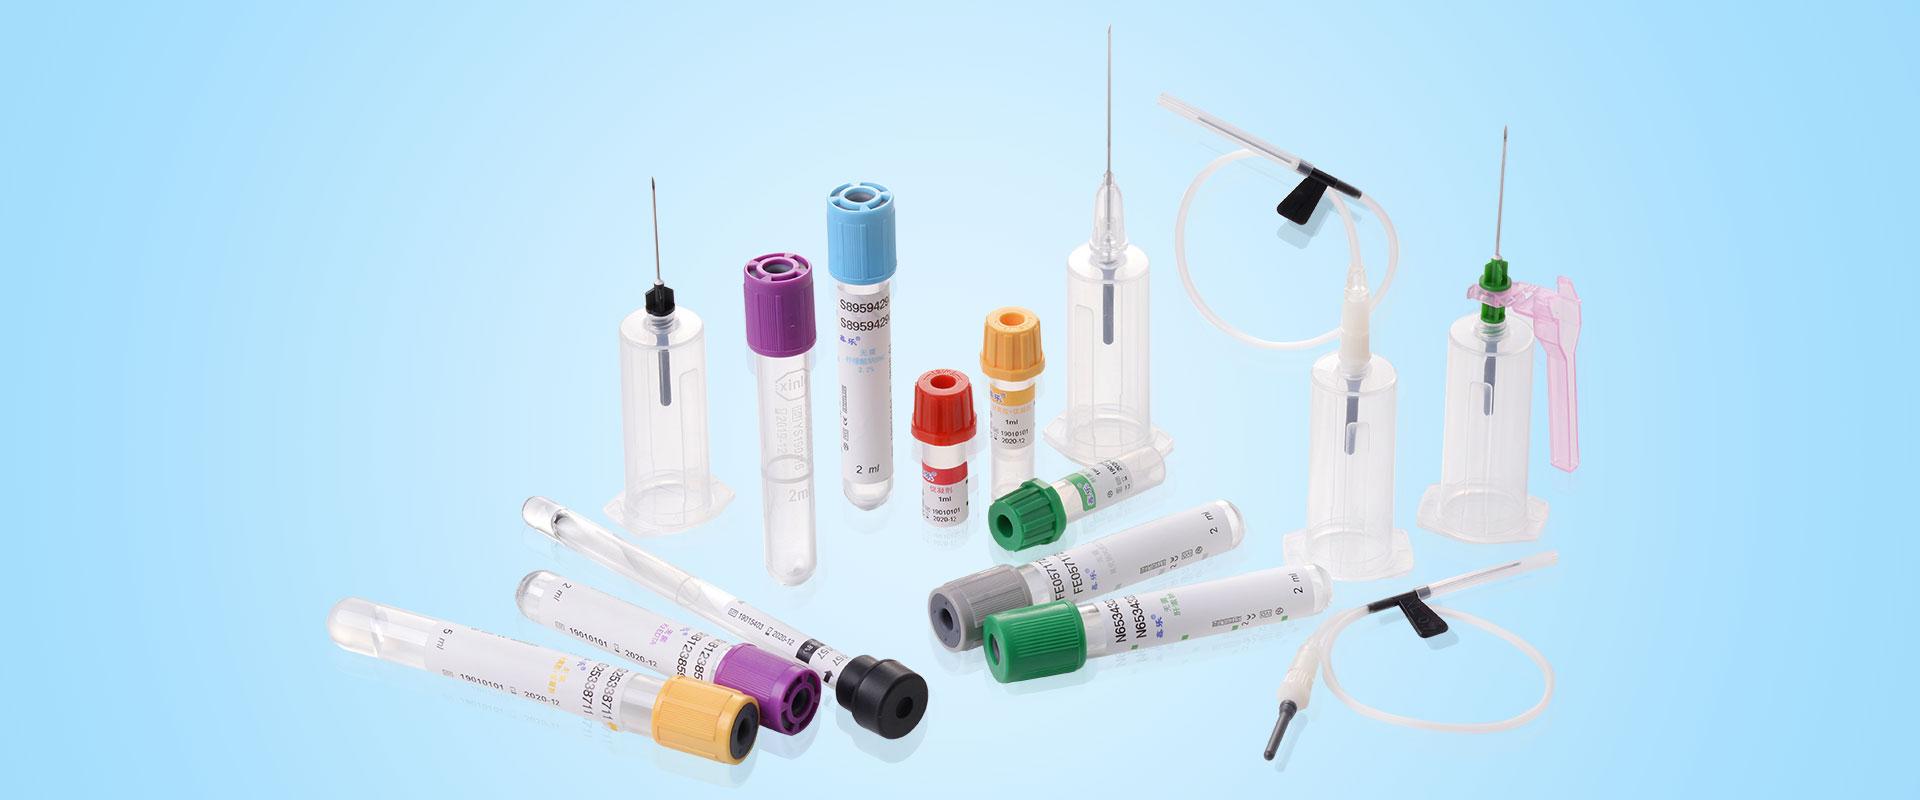 静脉采血产品